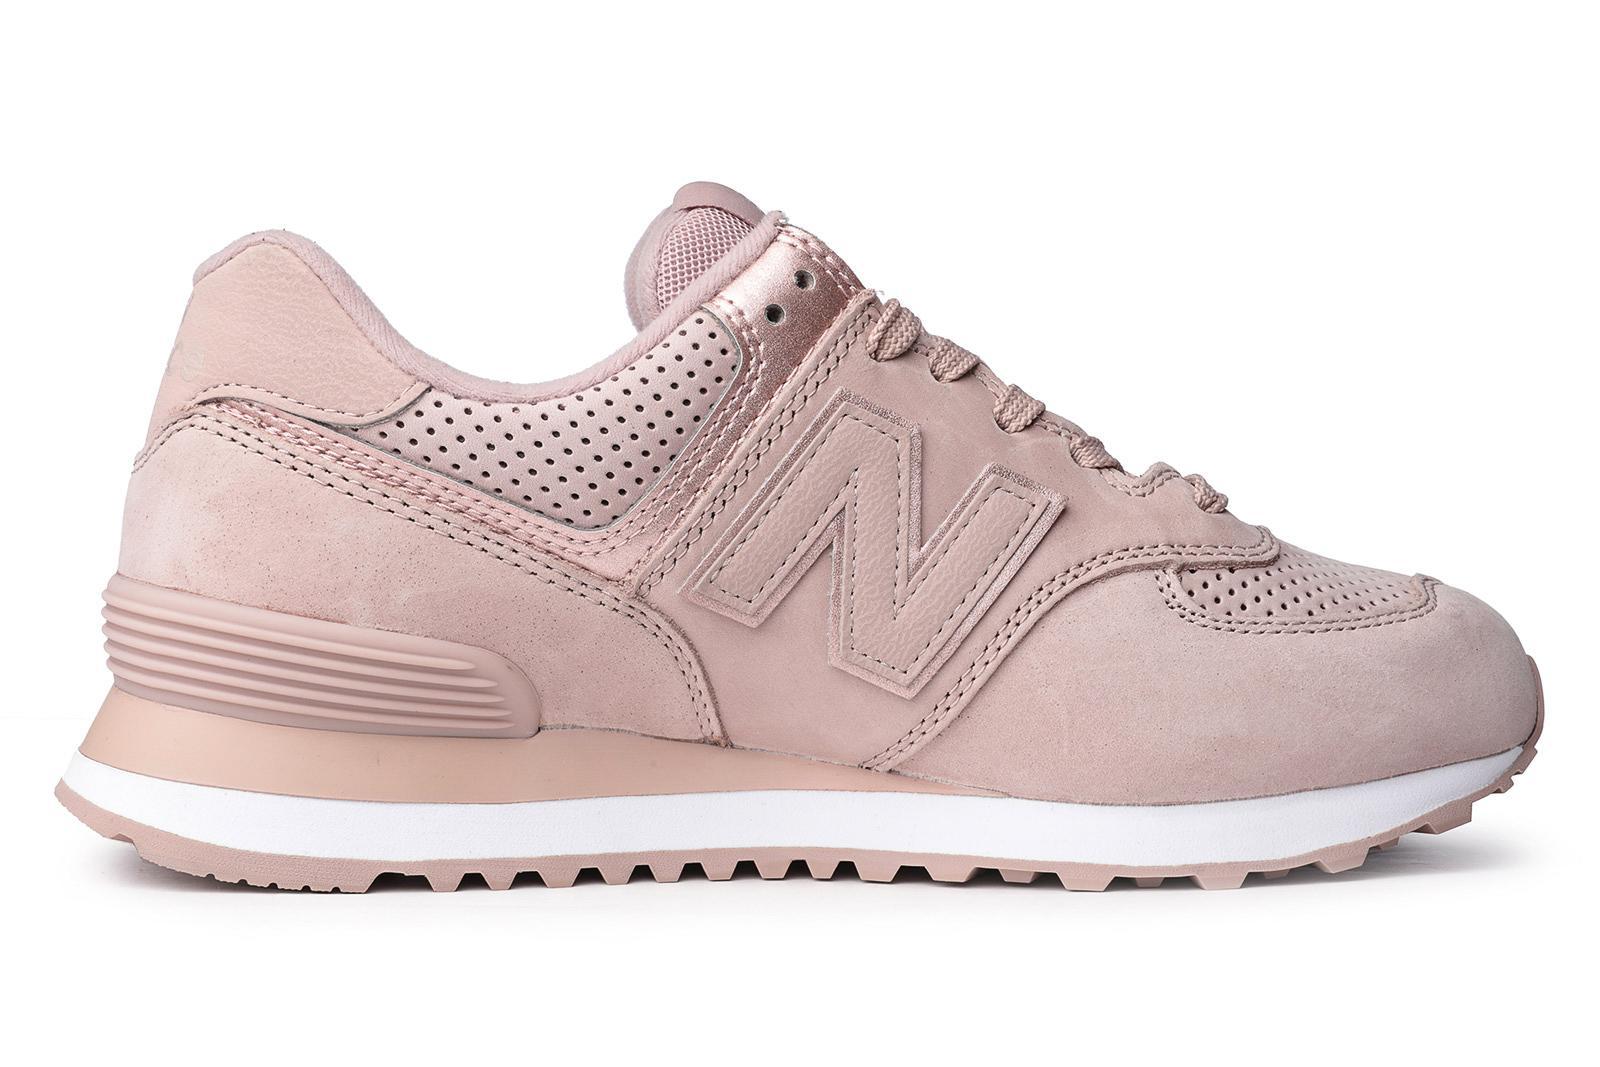 scarpe new balance cagliari